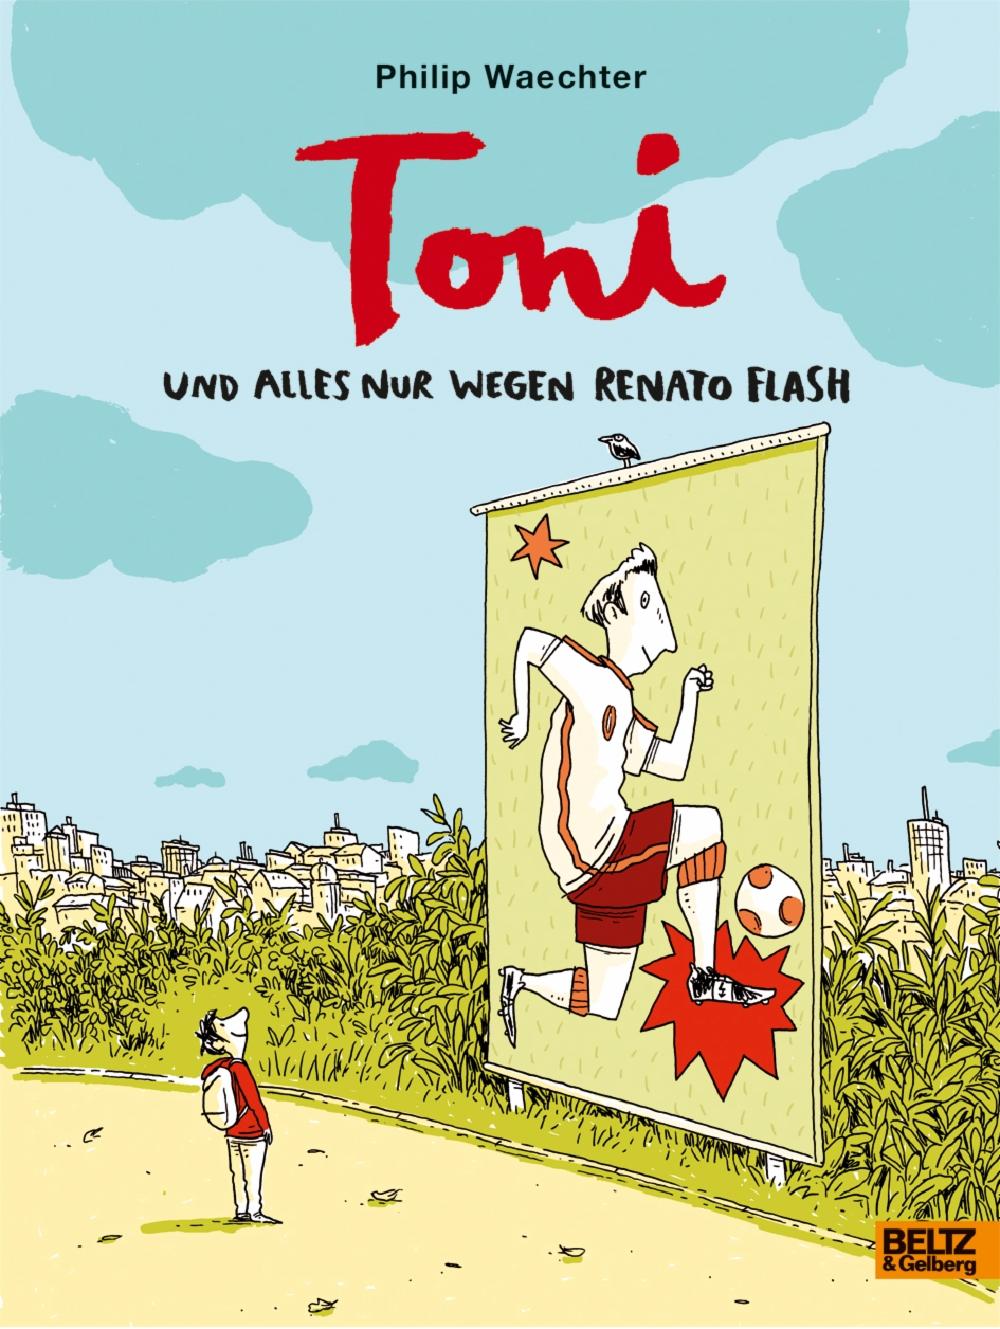 Toni Und Alles Nur Wegen Renato Flash Philip Waechter